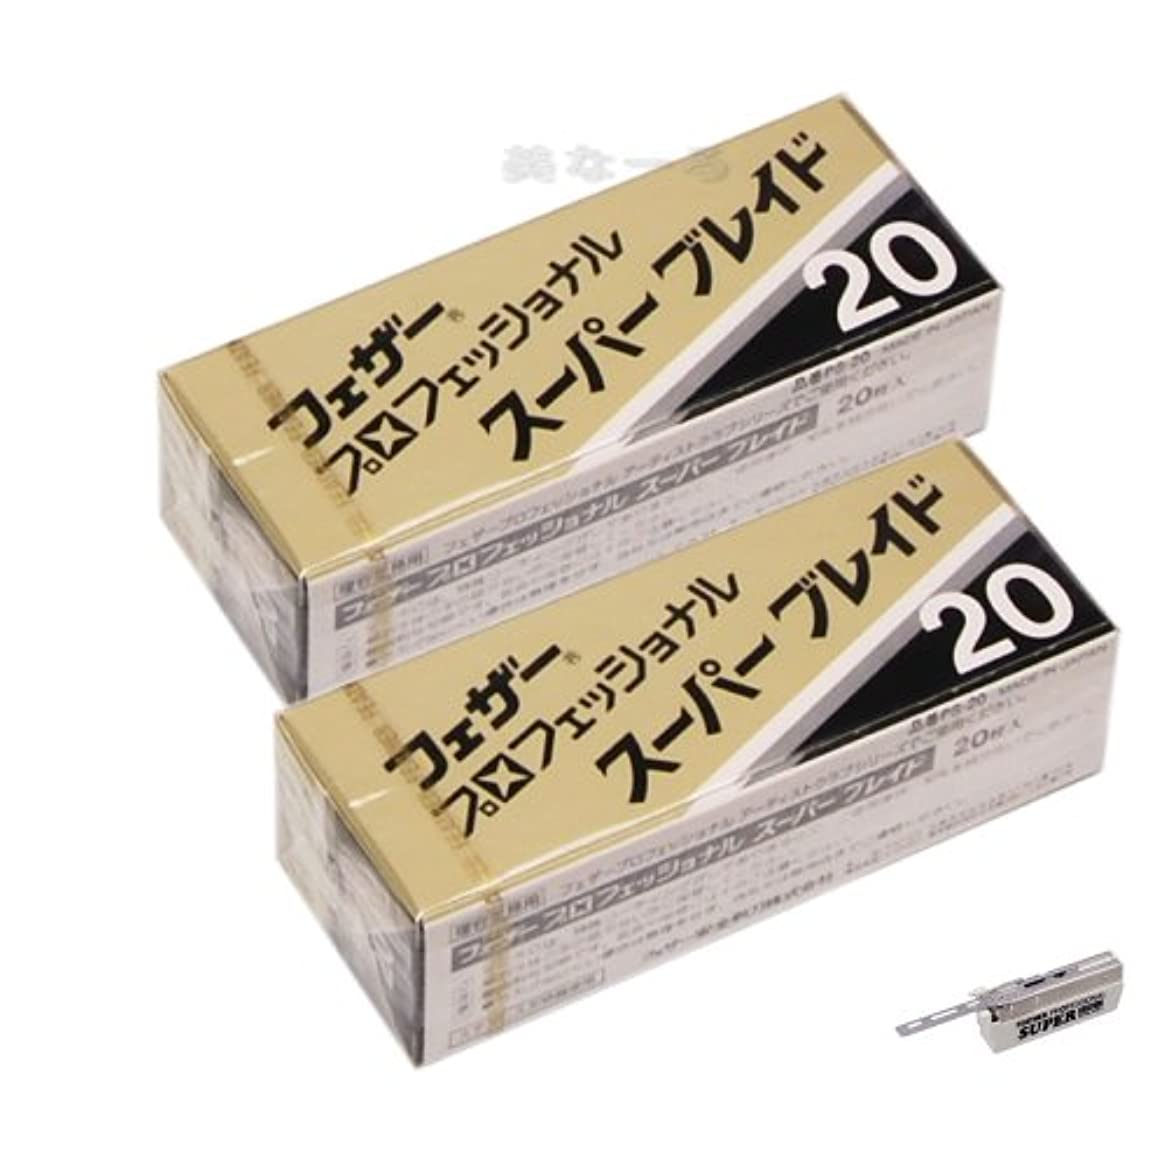 伝記店員俳句【2個セット】フェザー プロフェッショナル スーパーブレード 20枚入 PS-20